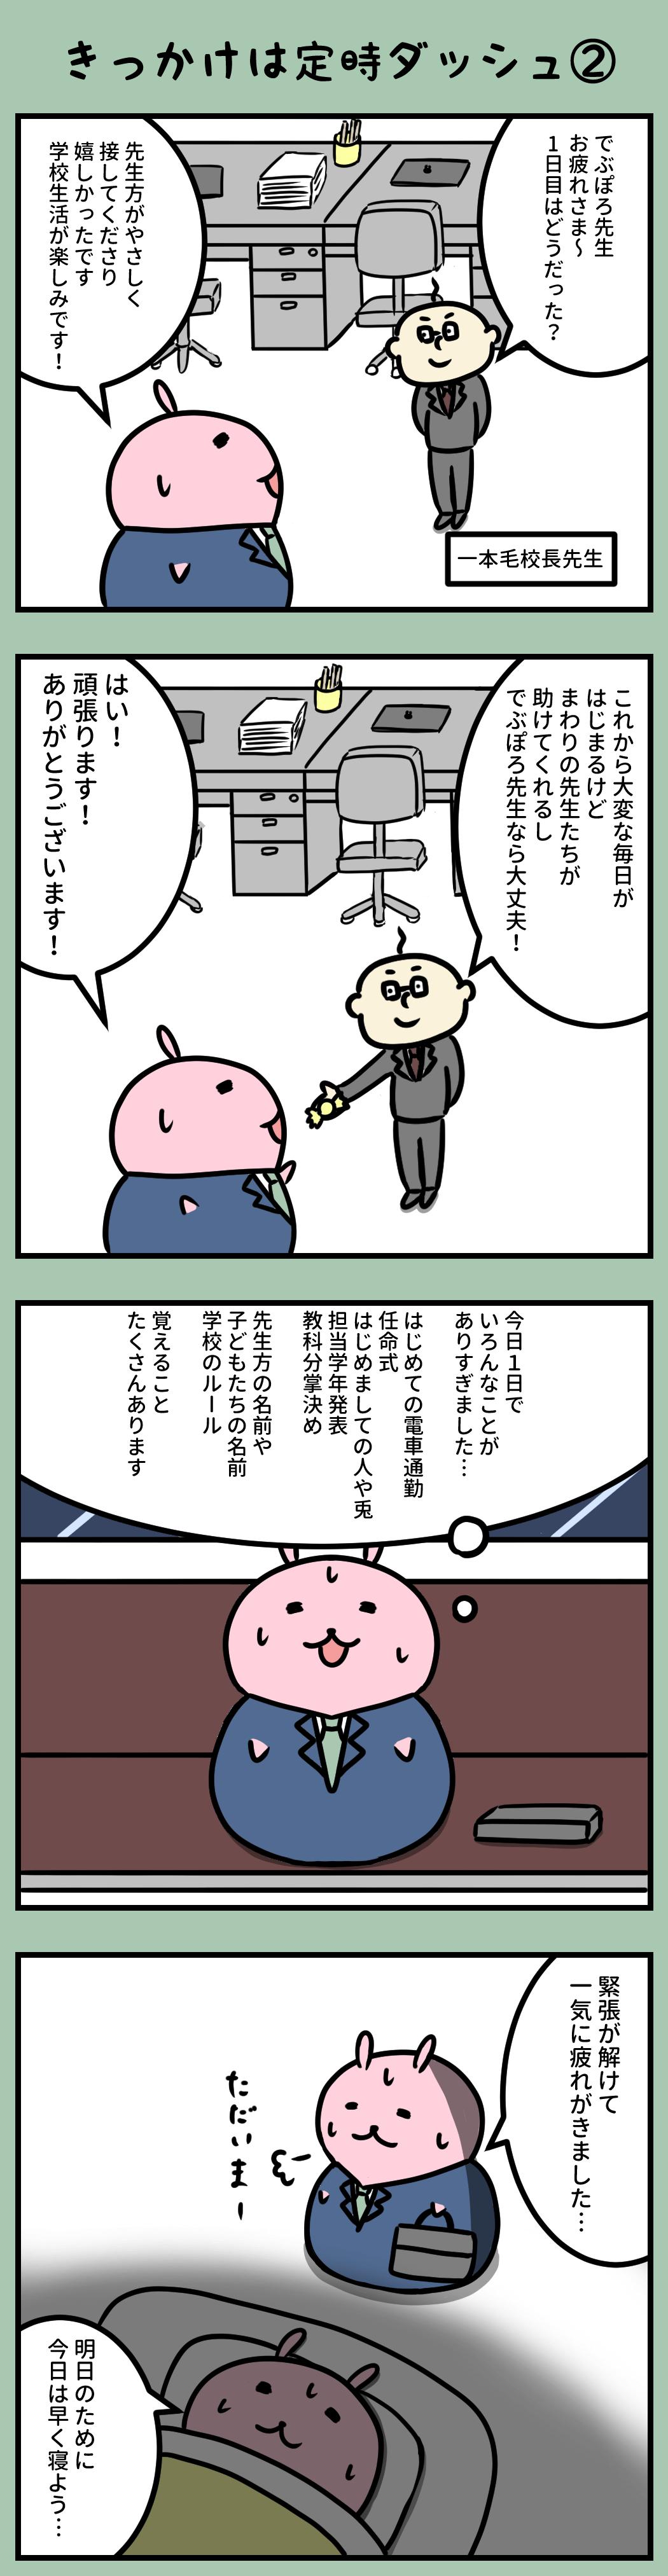 学校職員時代